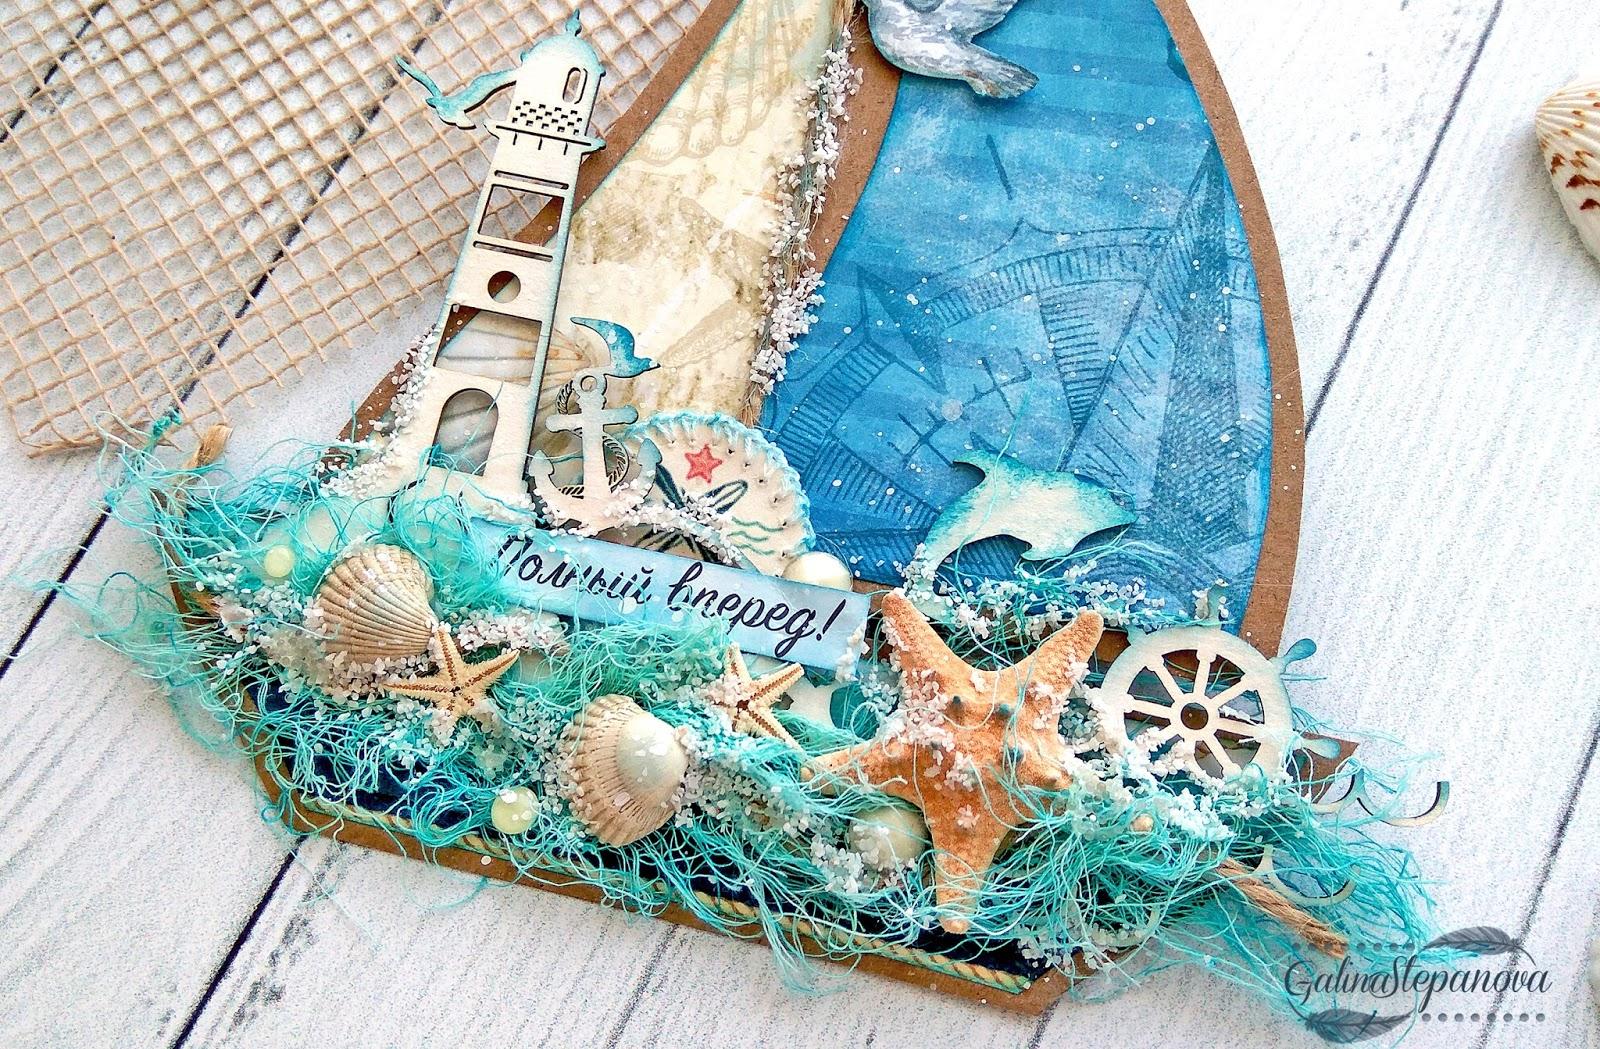 Картинки на морскую тему для открыток, картинки большой ложки